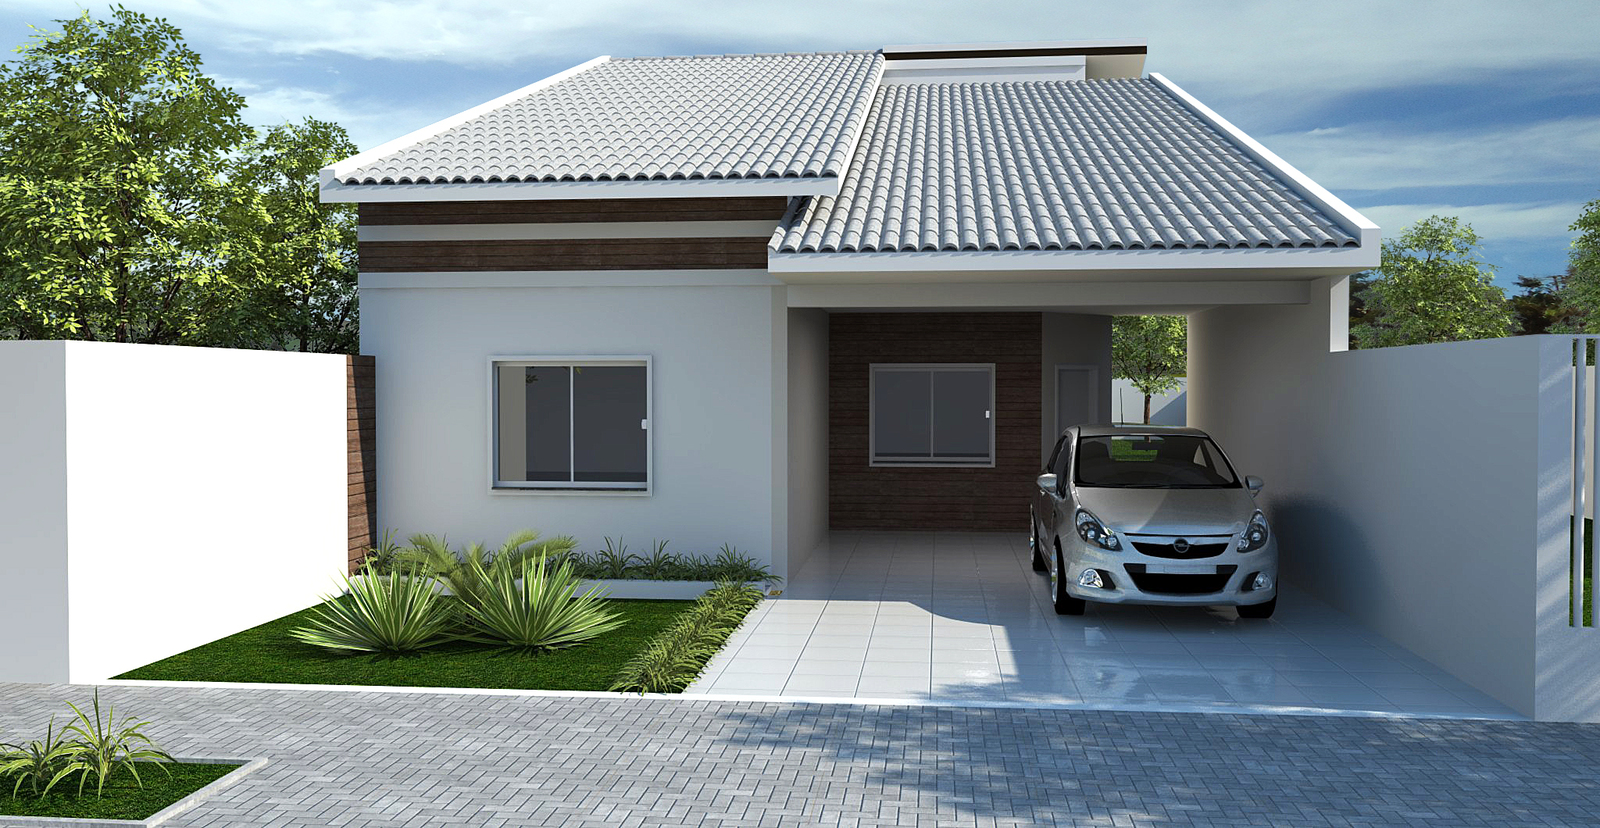 Fotos de fachadas de casas deixe a frente de casa linda for Casas casas